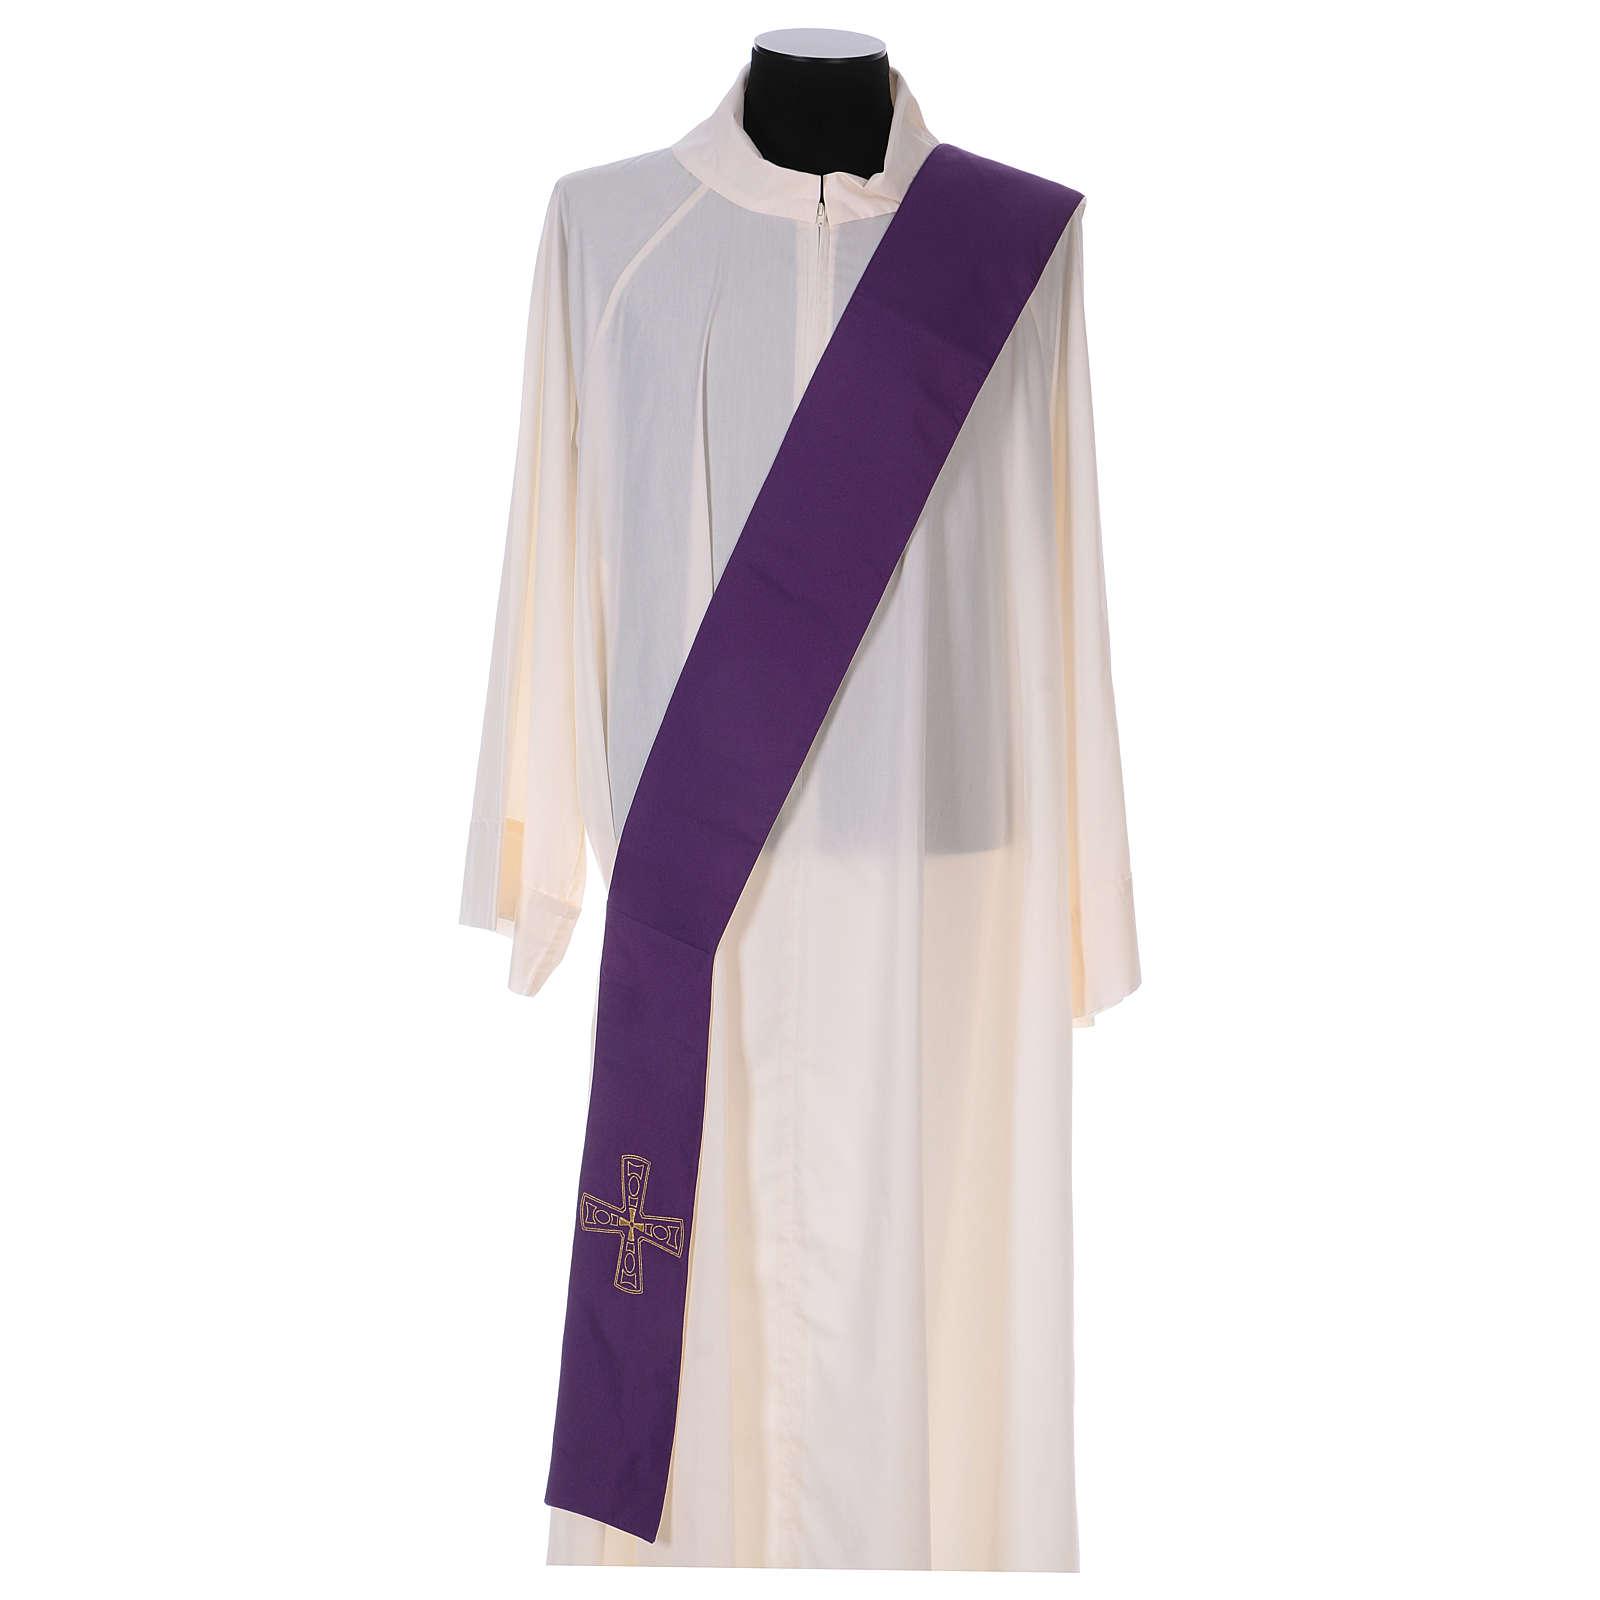 Étole réversible 100% polyester avec croix 4